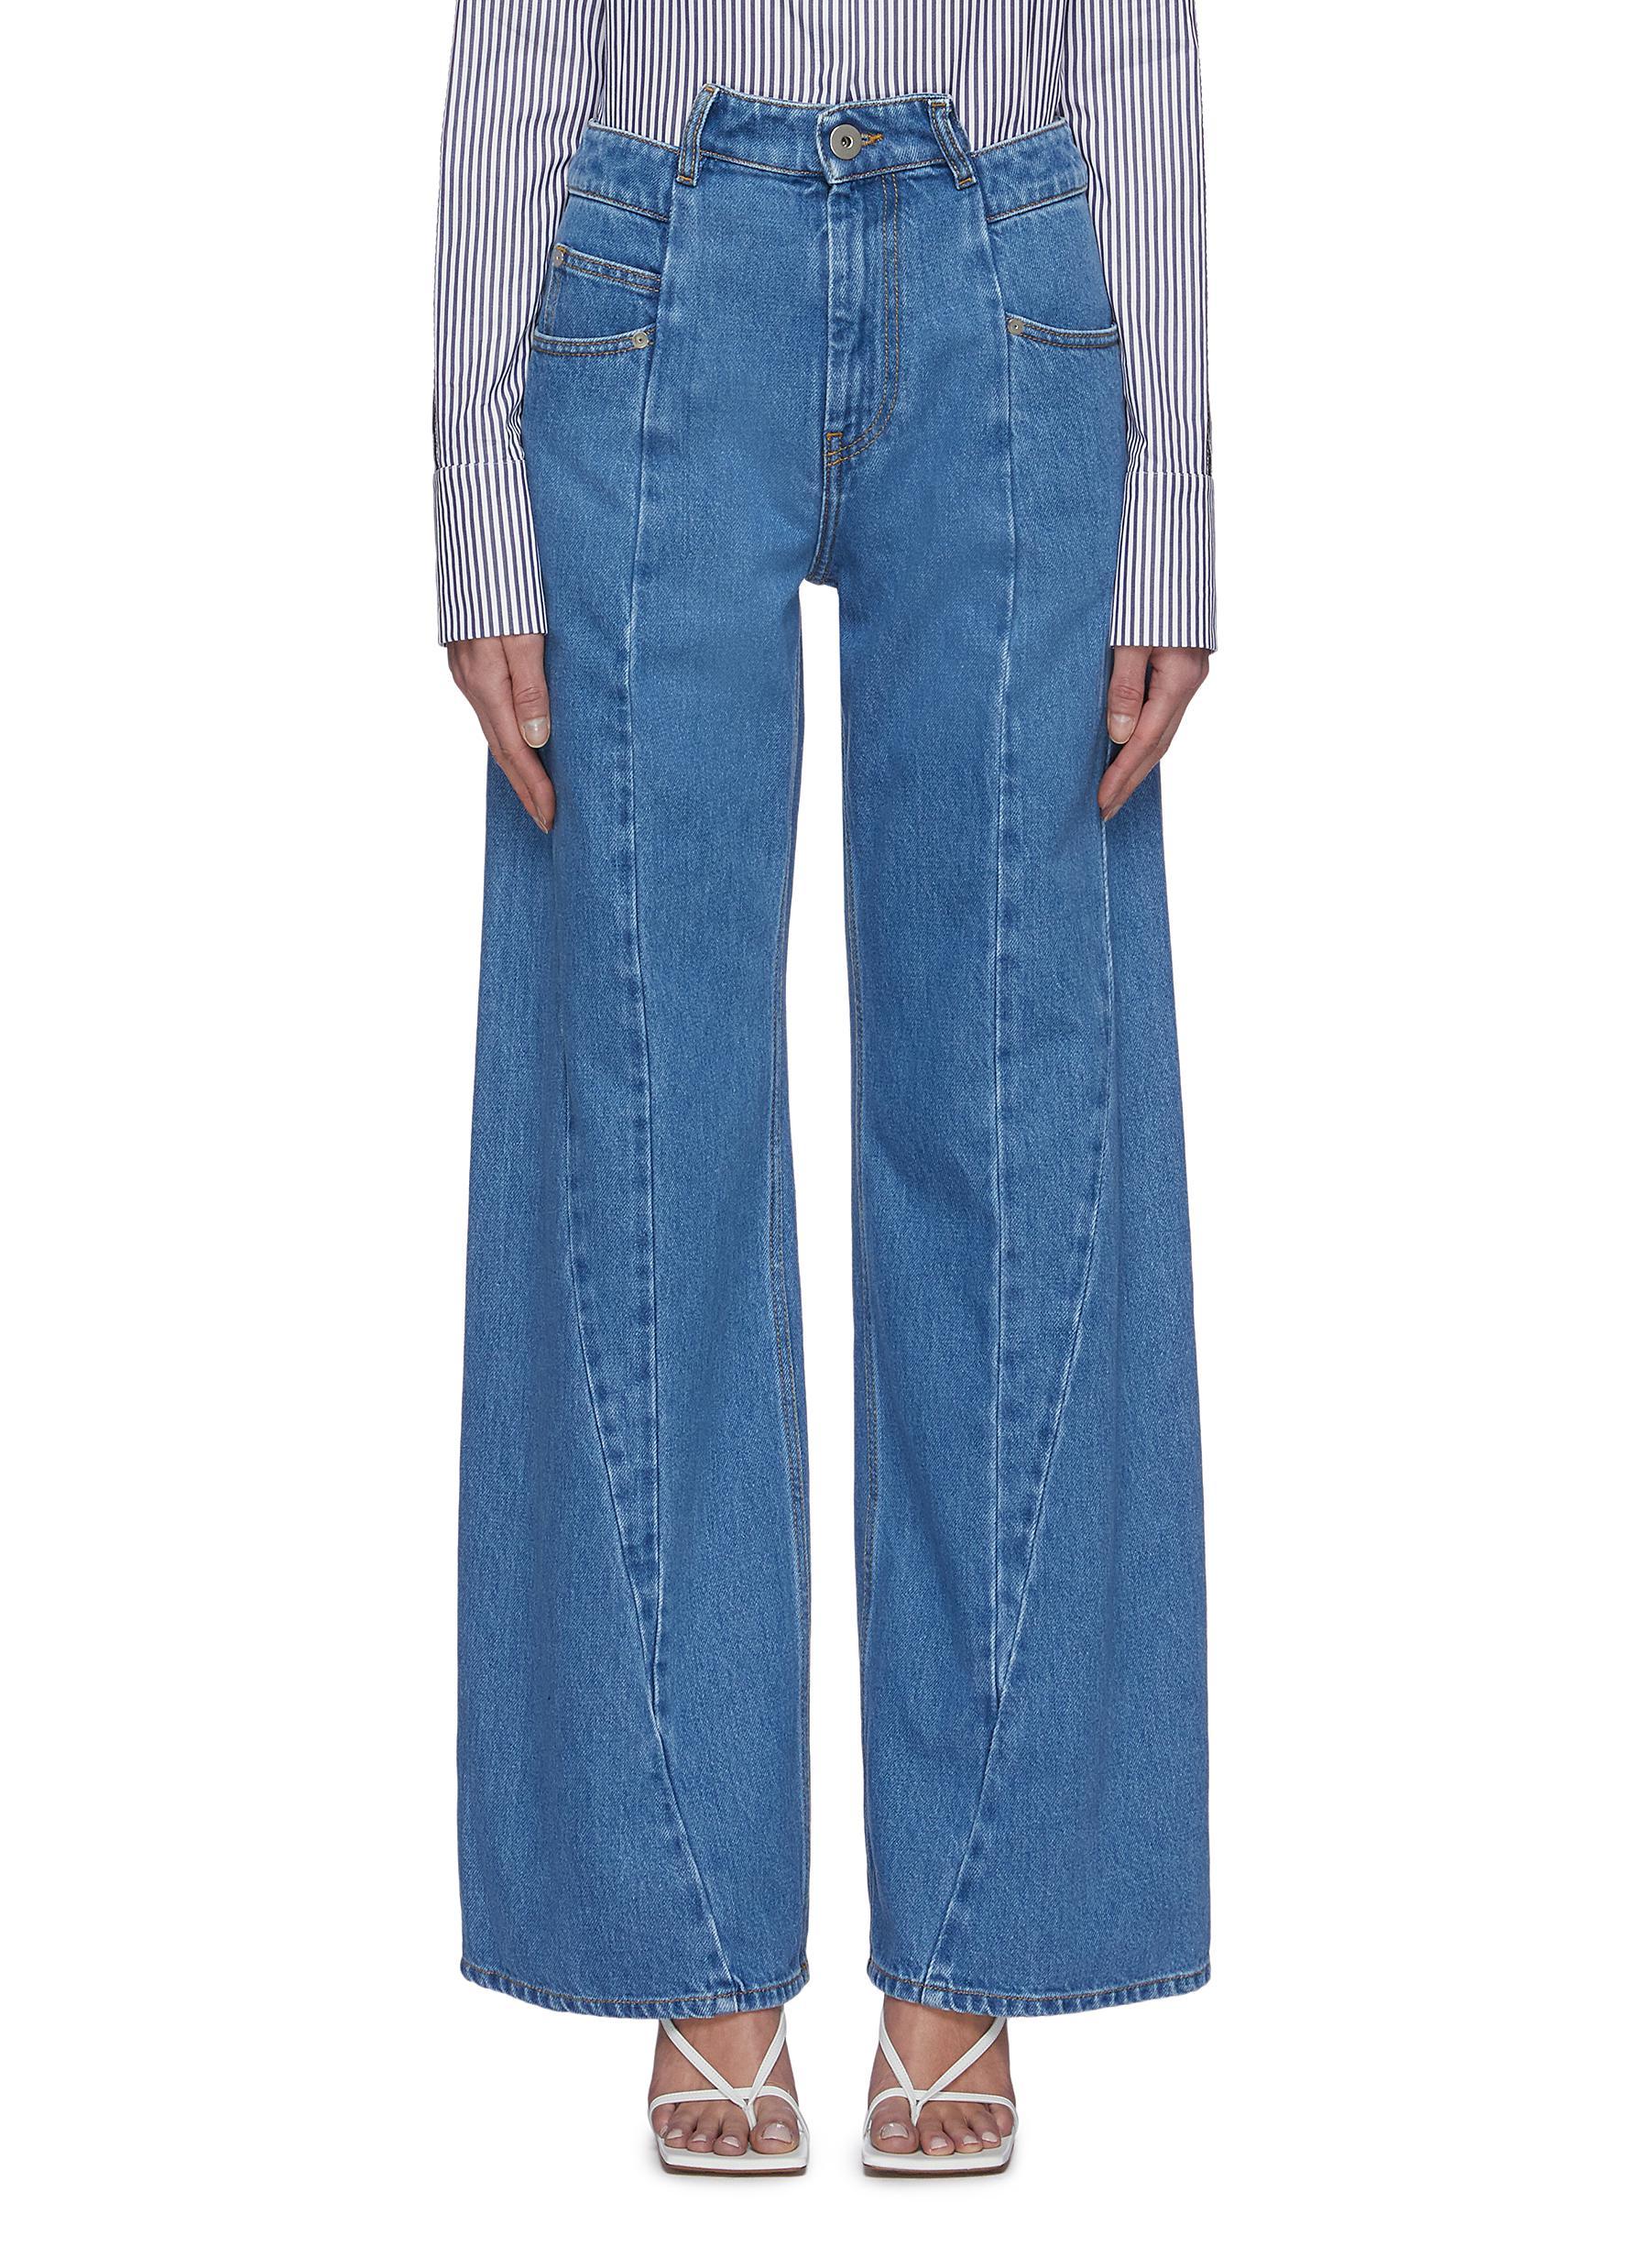 Buy Maison Margiela Jeans Asymmetric slash panel stone washed jeans